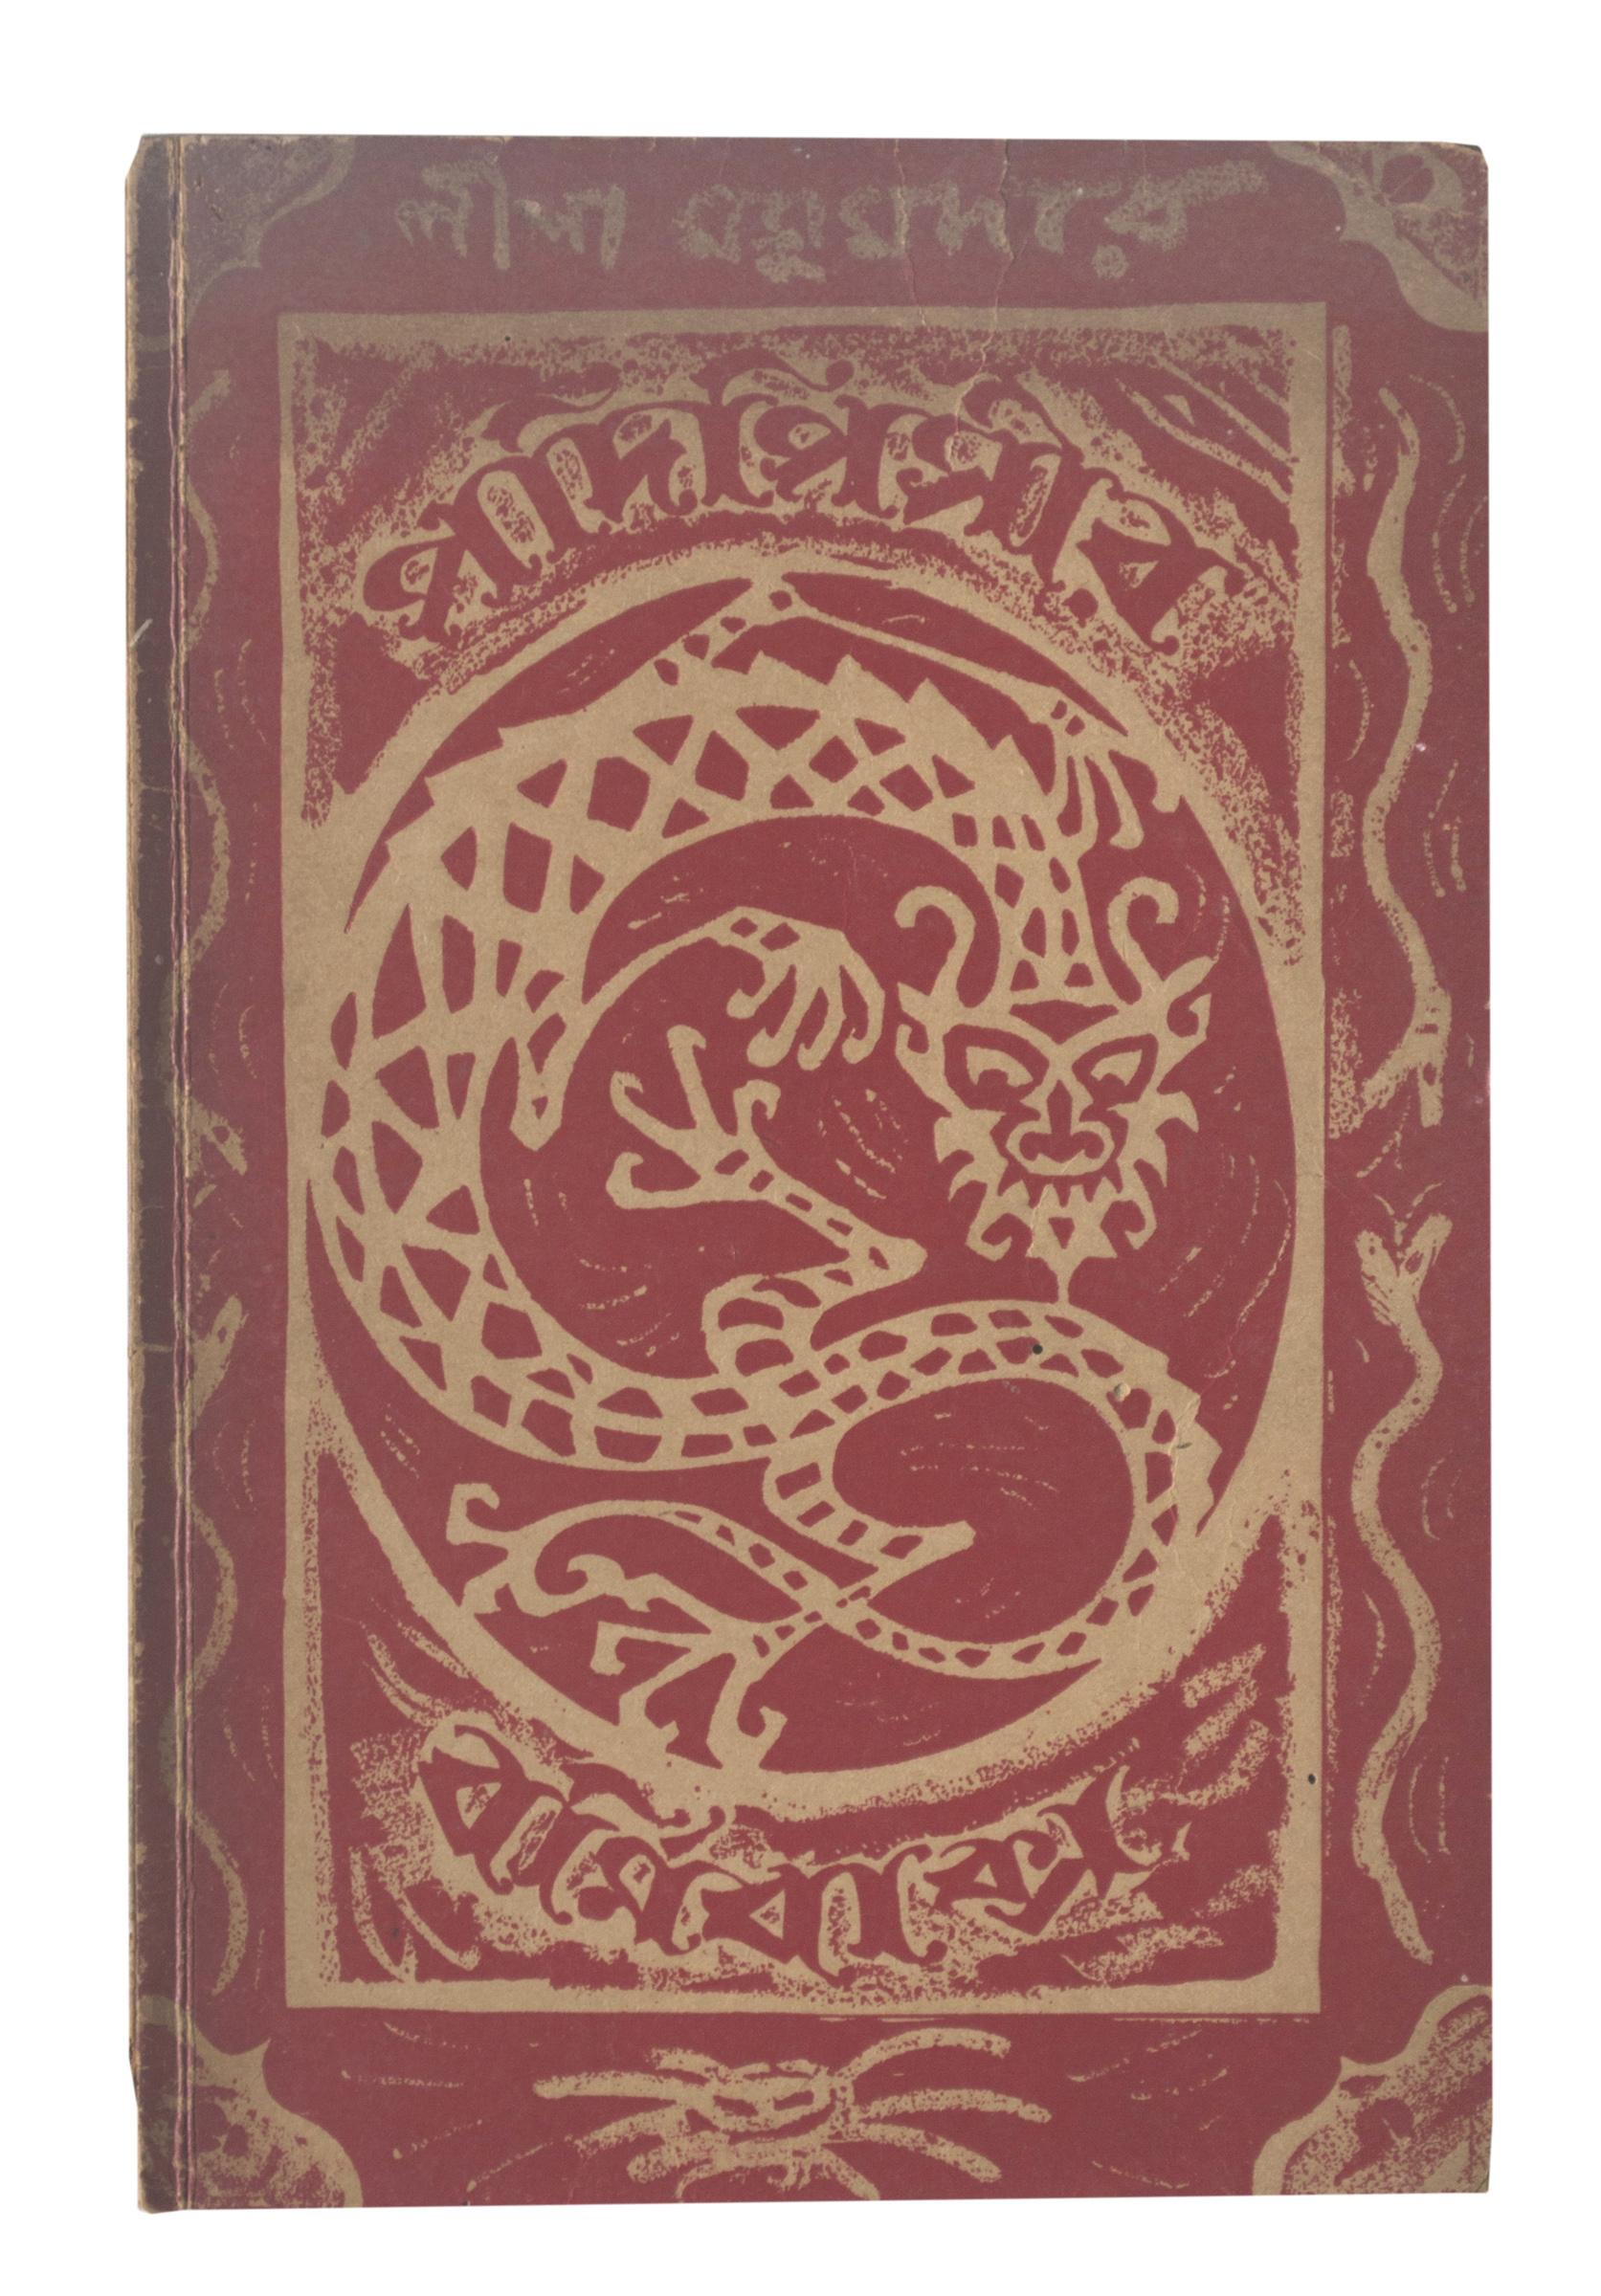 Podipishir Burmi Baksho (novel in Bengali) by Lila Majumdar